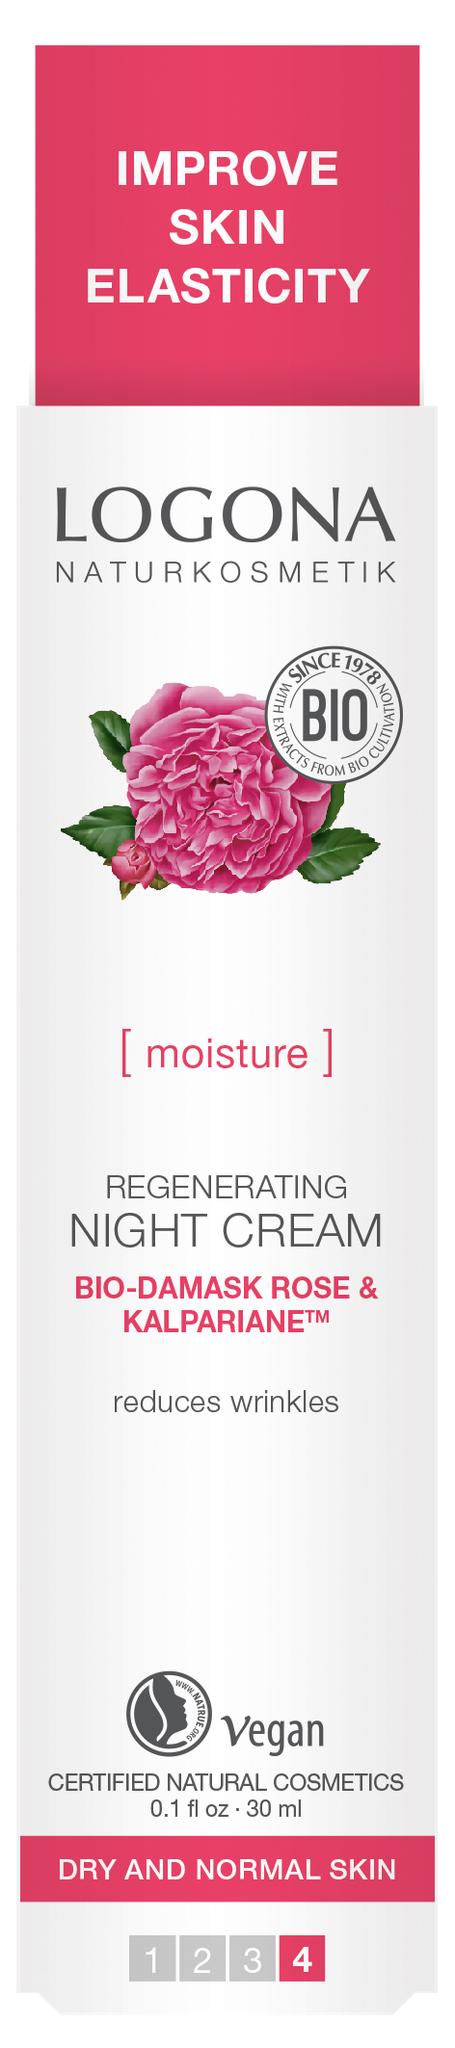 LOGONA Ночной крем для увлажнения и регенерации кожи с Био-Дамасской Розой и комплексом Kalpariane